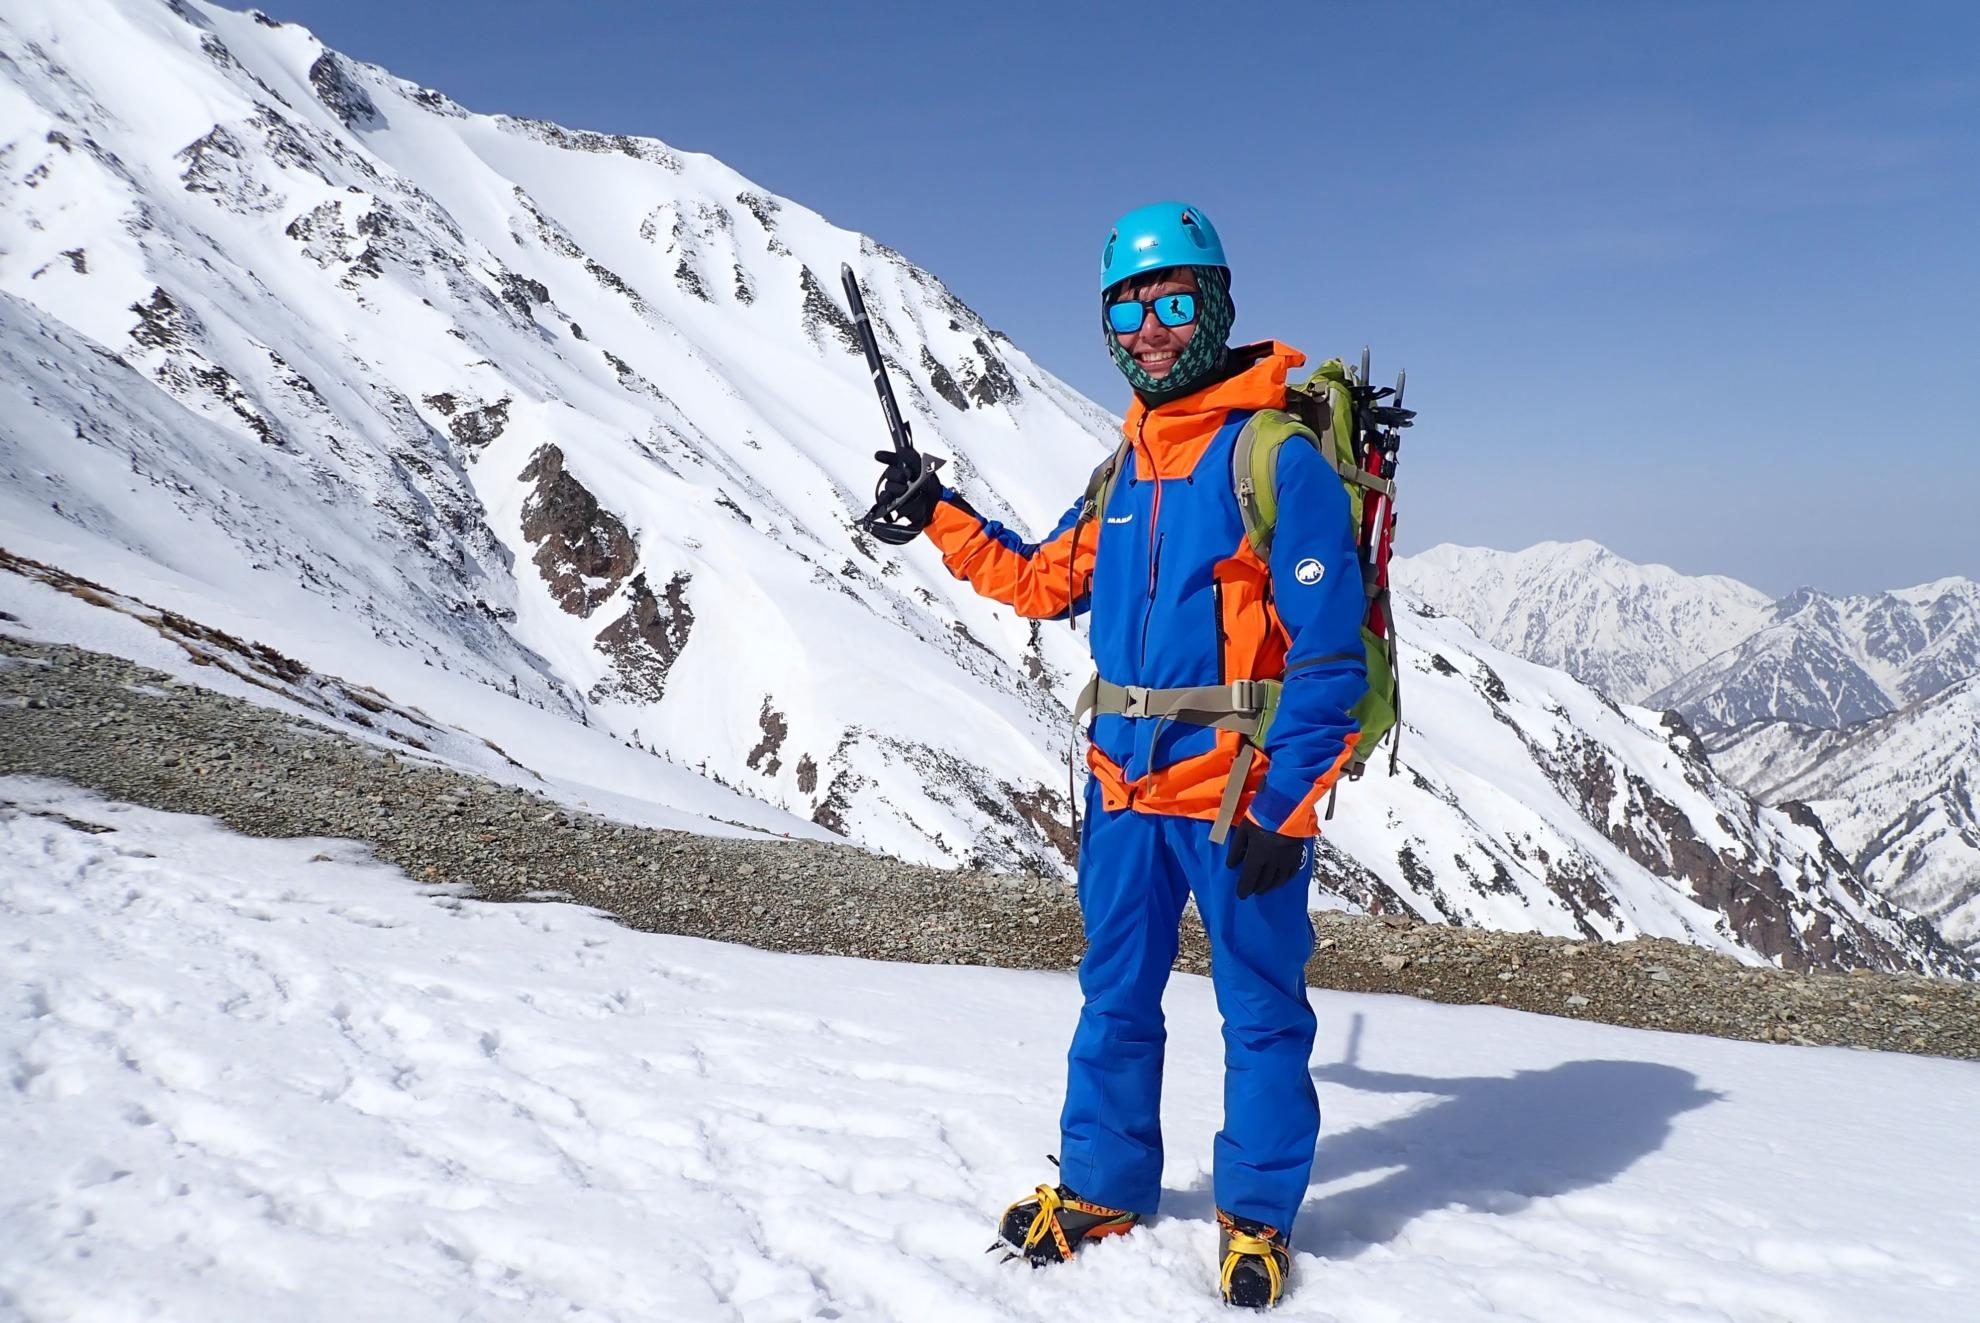 雪山五竜岳の装備&ウェア